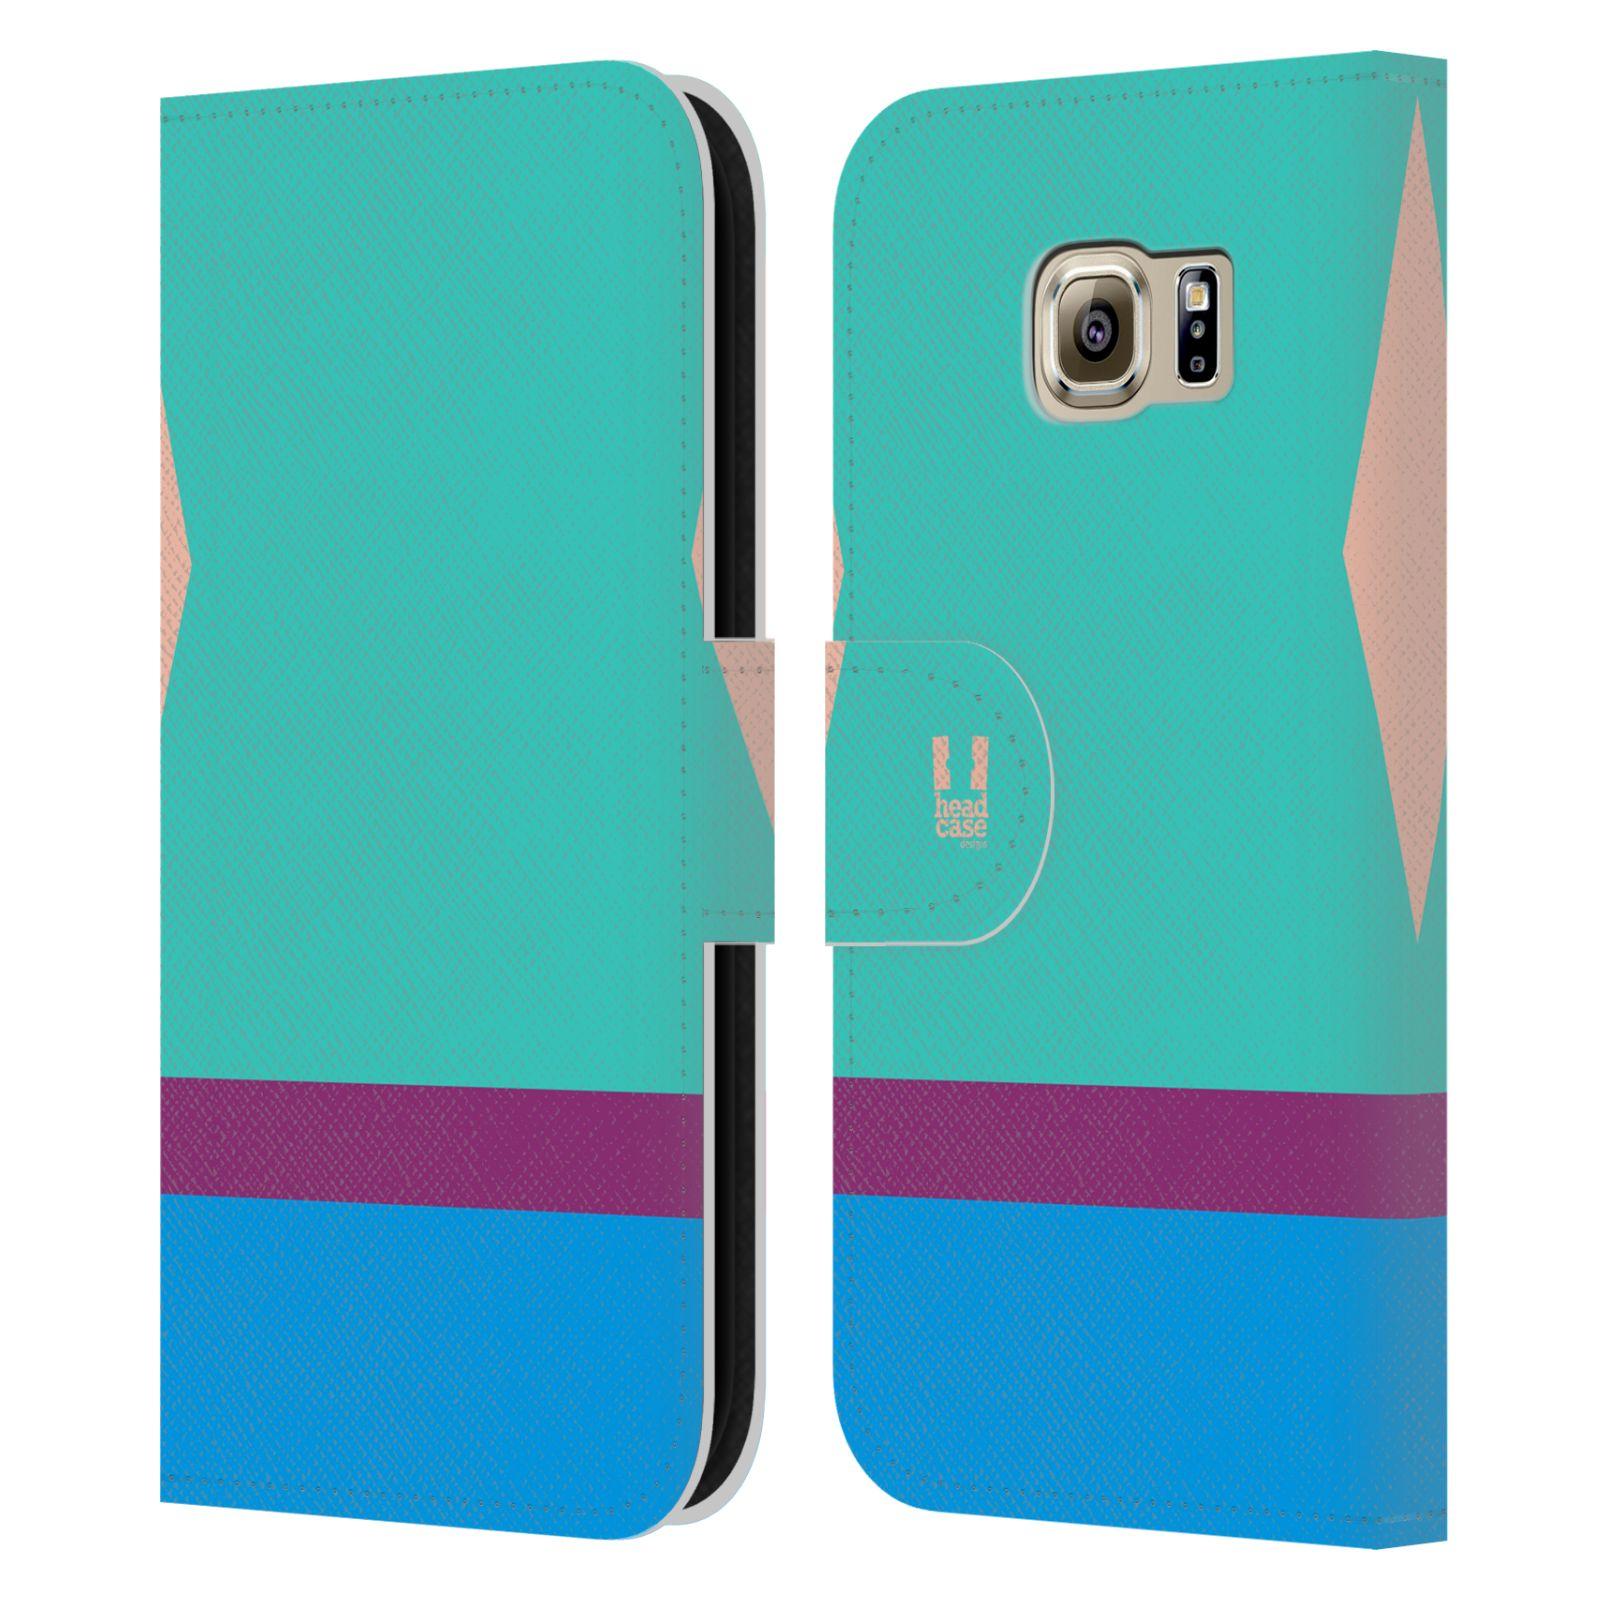 HEAD CASE Flipové pouzdro pro mobil Samsung Galaxy S6 barevné tvary modrá a fialový pruh